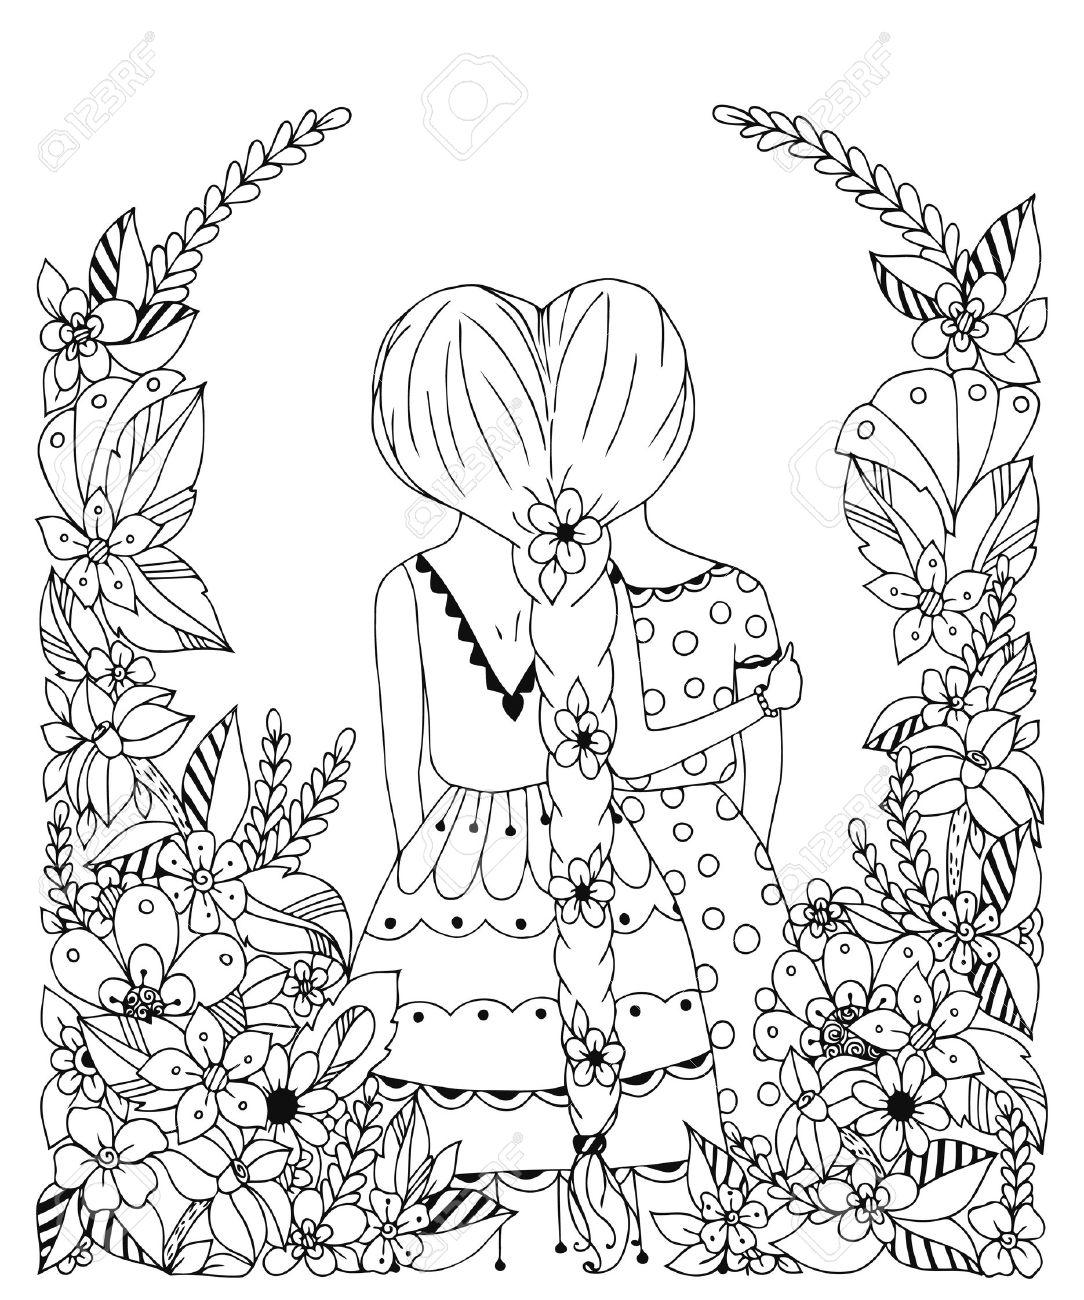 Ilustración Vectorial Amiga Zentangl En Un Marco De Flores Arte Flores Escupió Hacia Atrás Abrazos Amistad Libro De Colorear Para Antiestrés